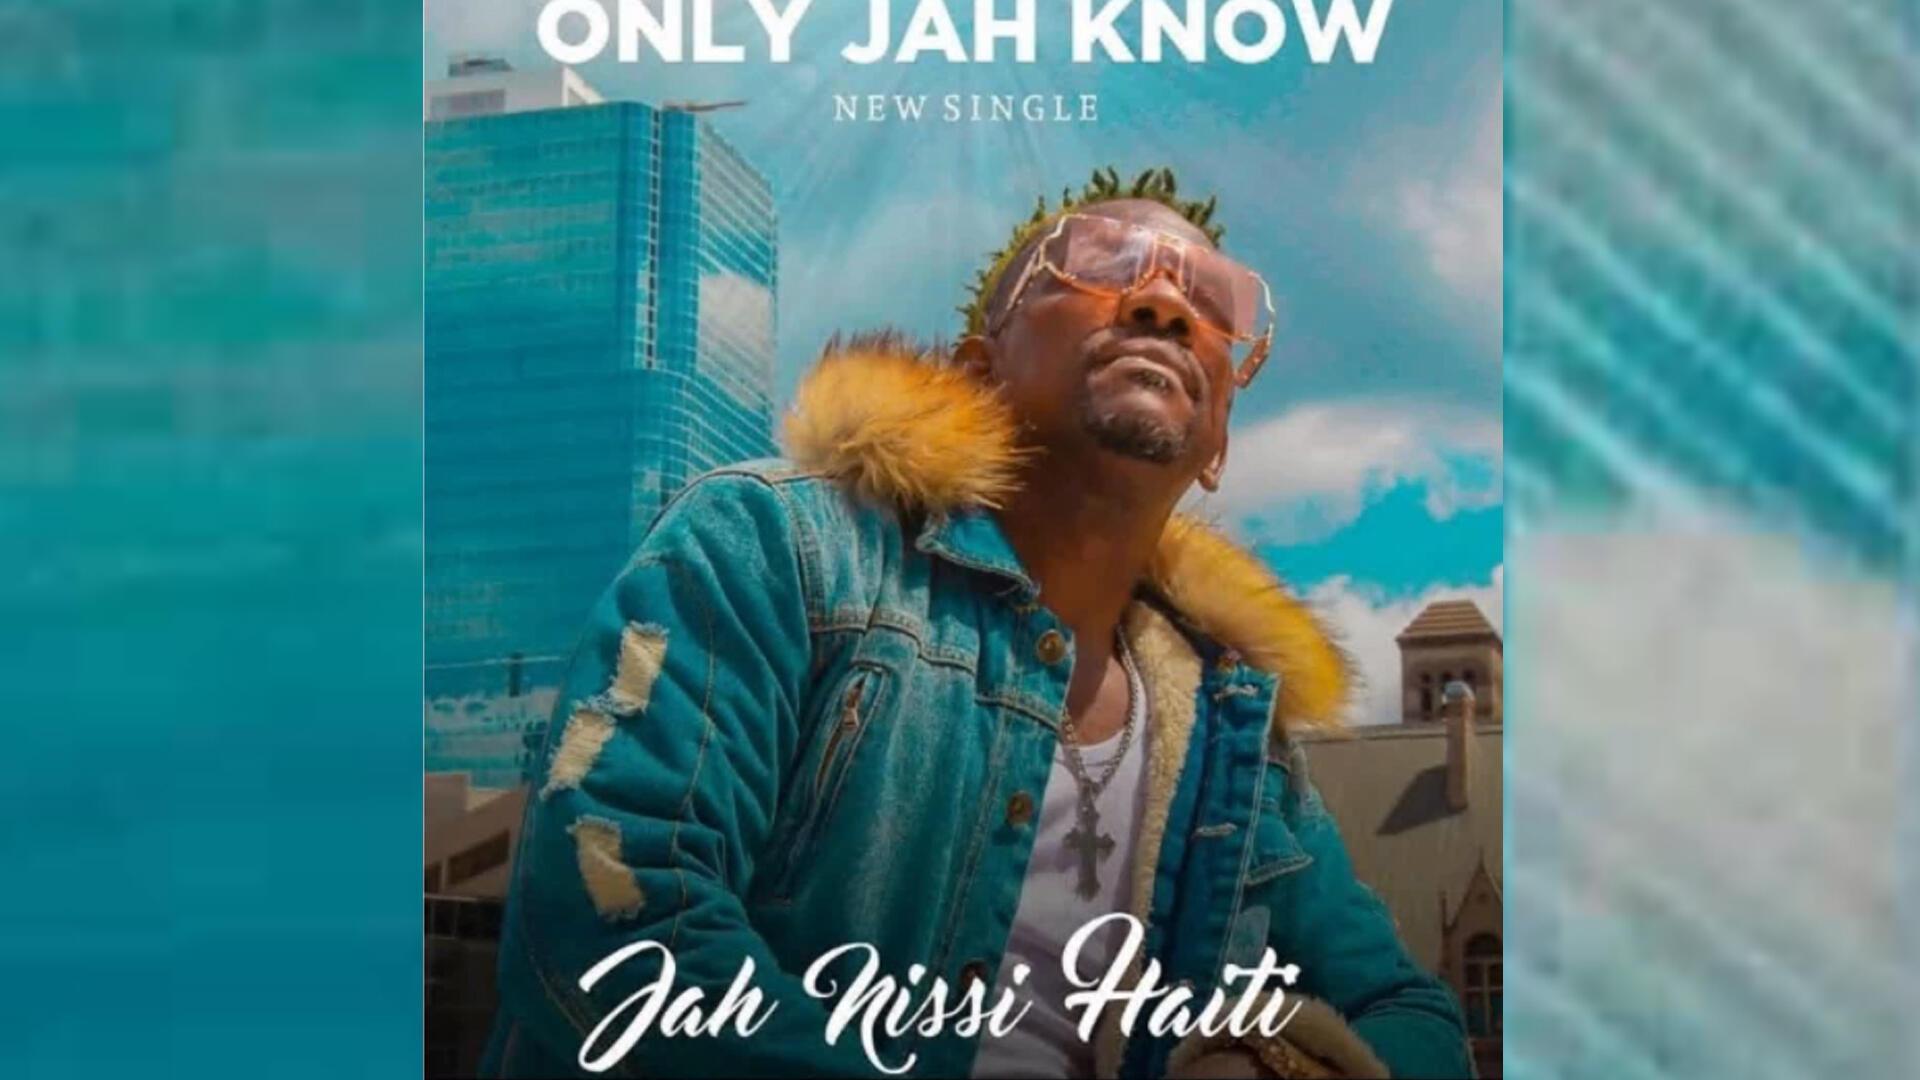 """Affiche officielle annonçant le single """"Only Jah know"""" de Jah Nissi Haiti."""